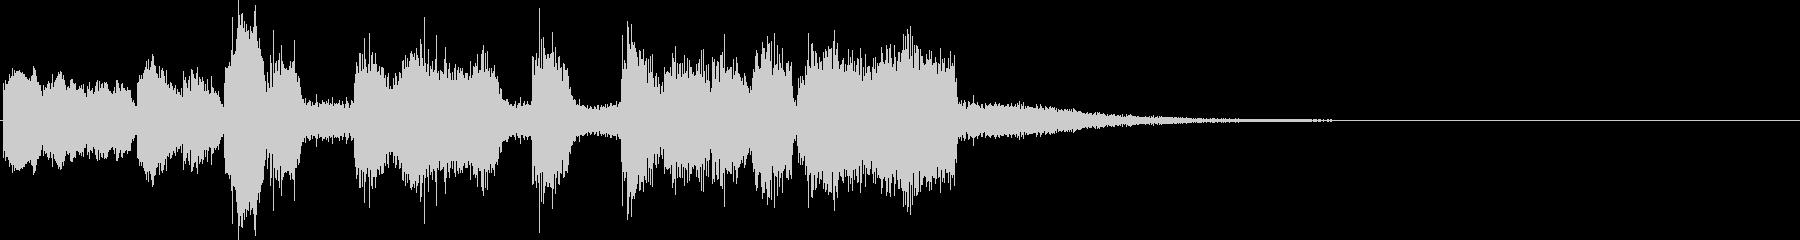 シンセブラスの軽快なファンファーレの未再生の波形